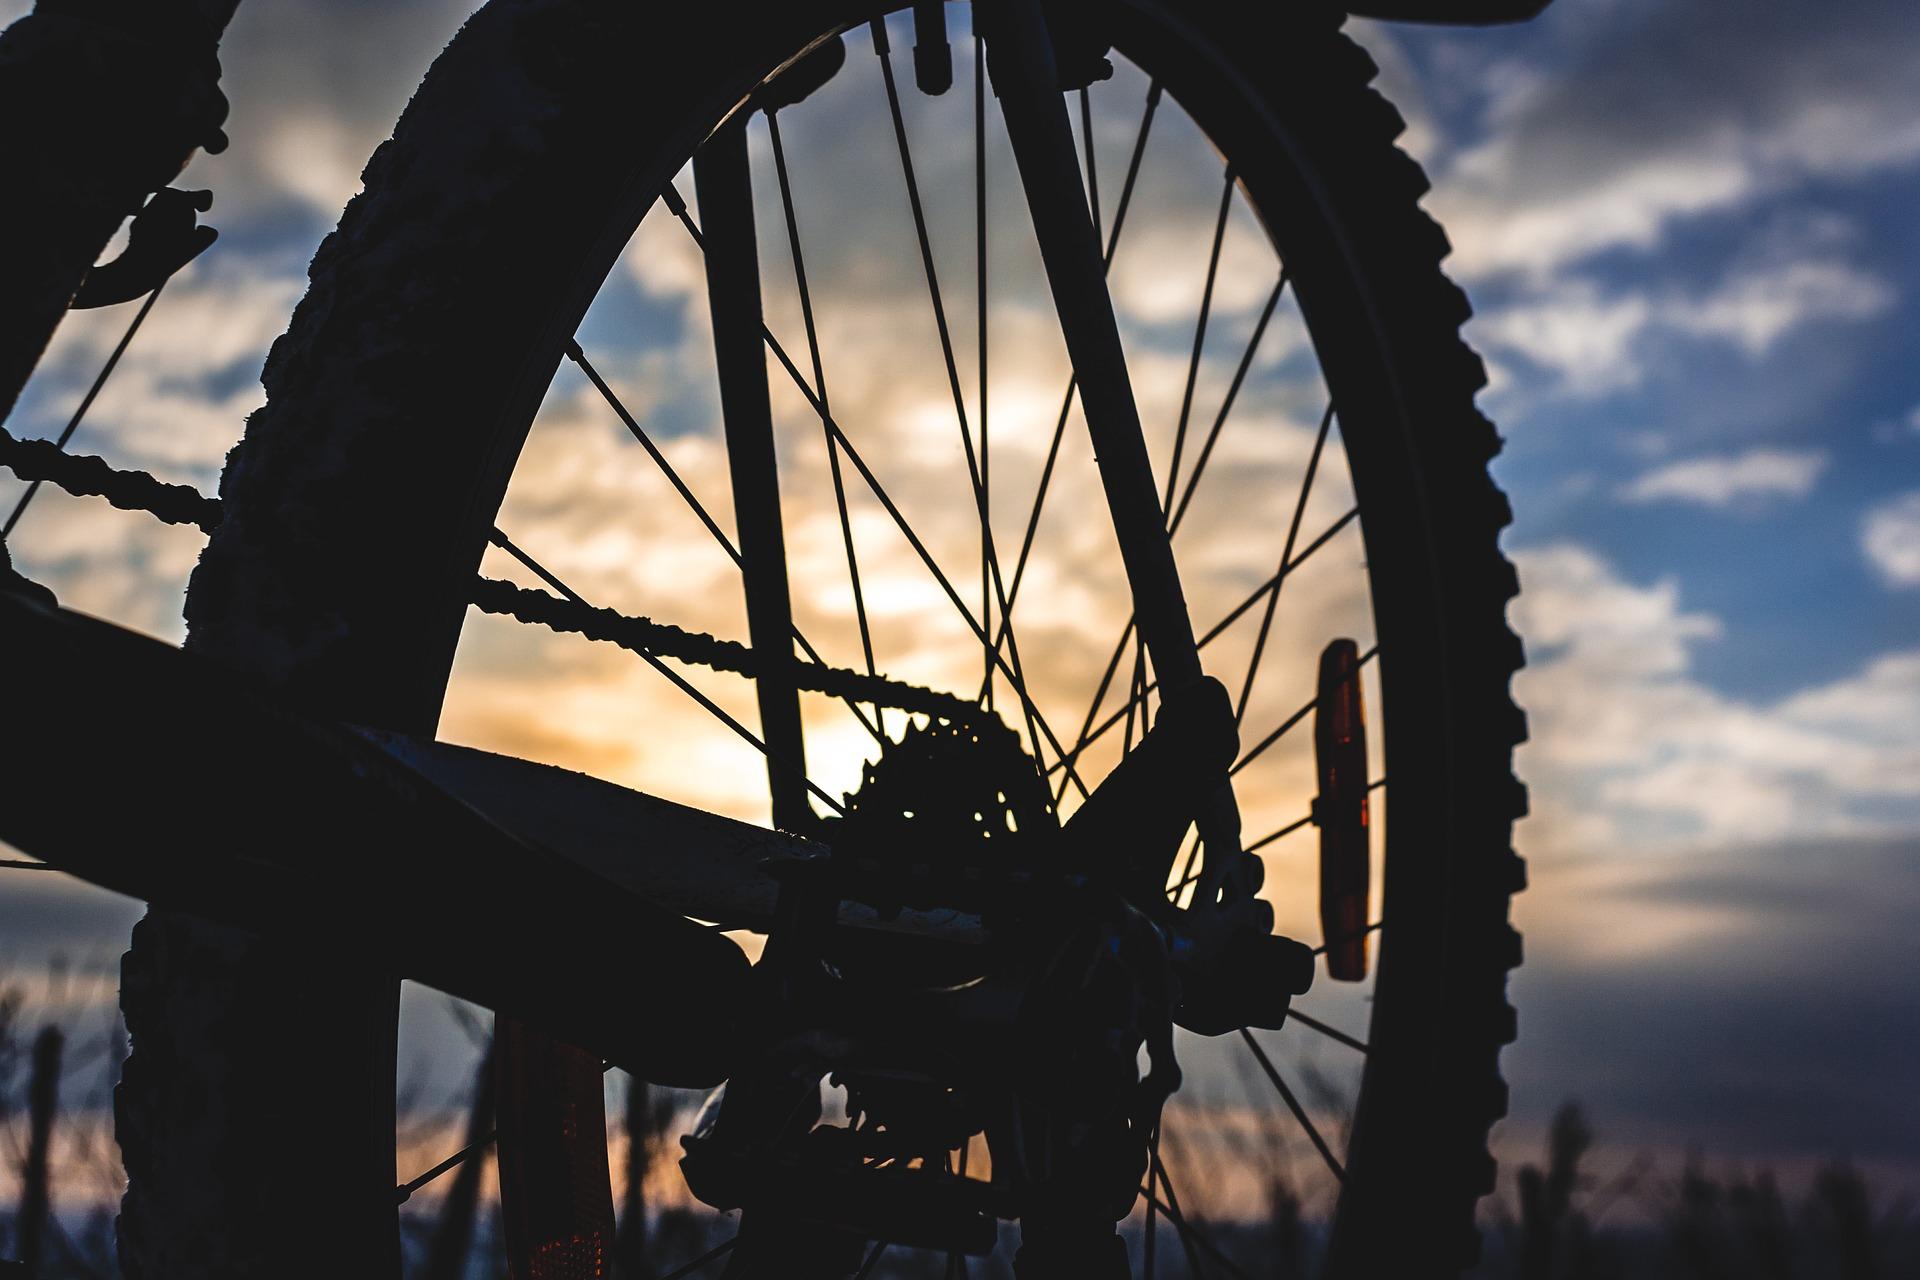 Fahrrad im Sonnenuntergang